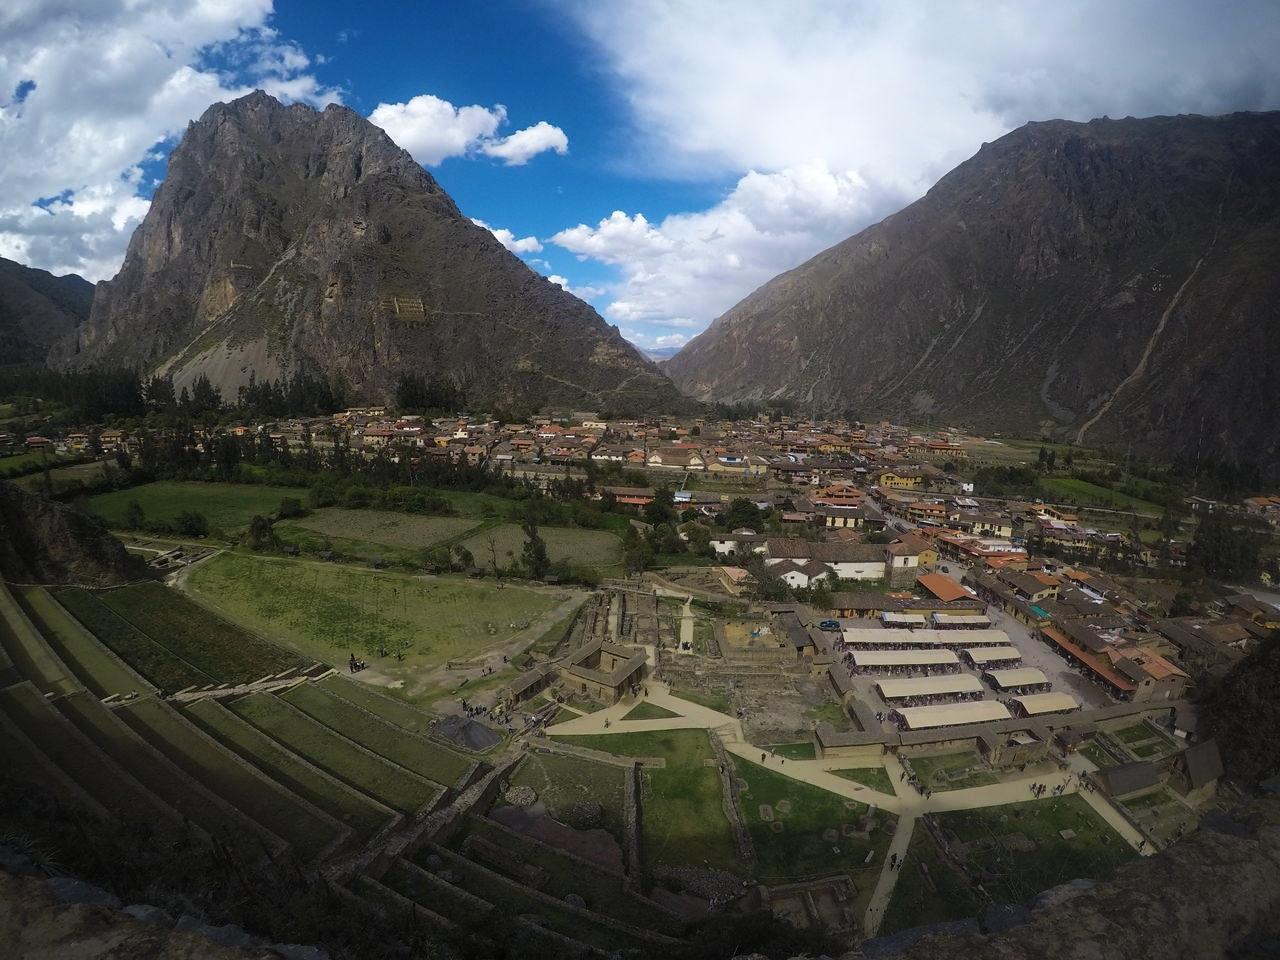 Cuzco en 3 días y alrededores: Ollantaytambo